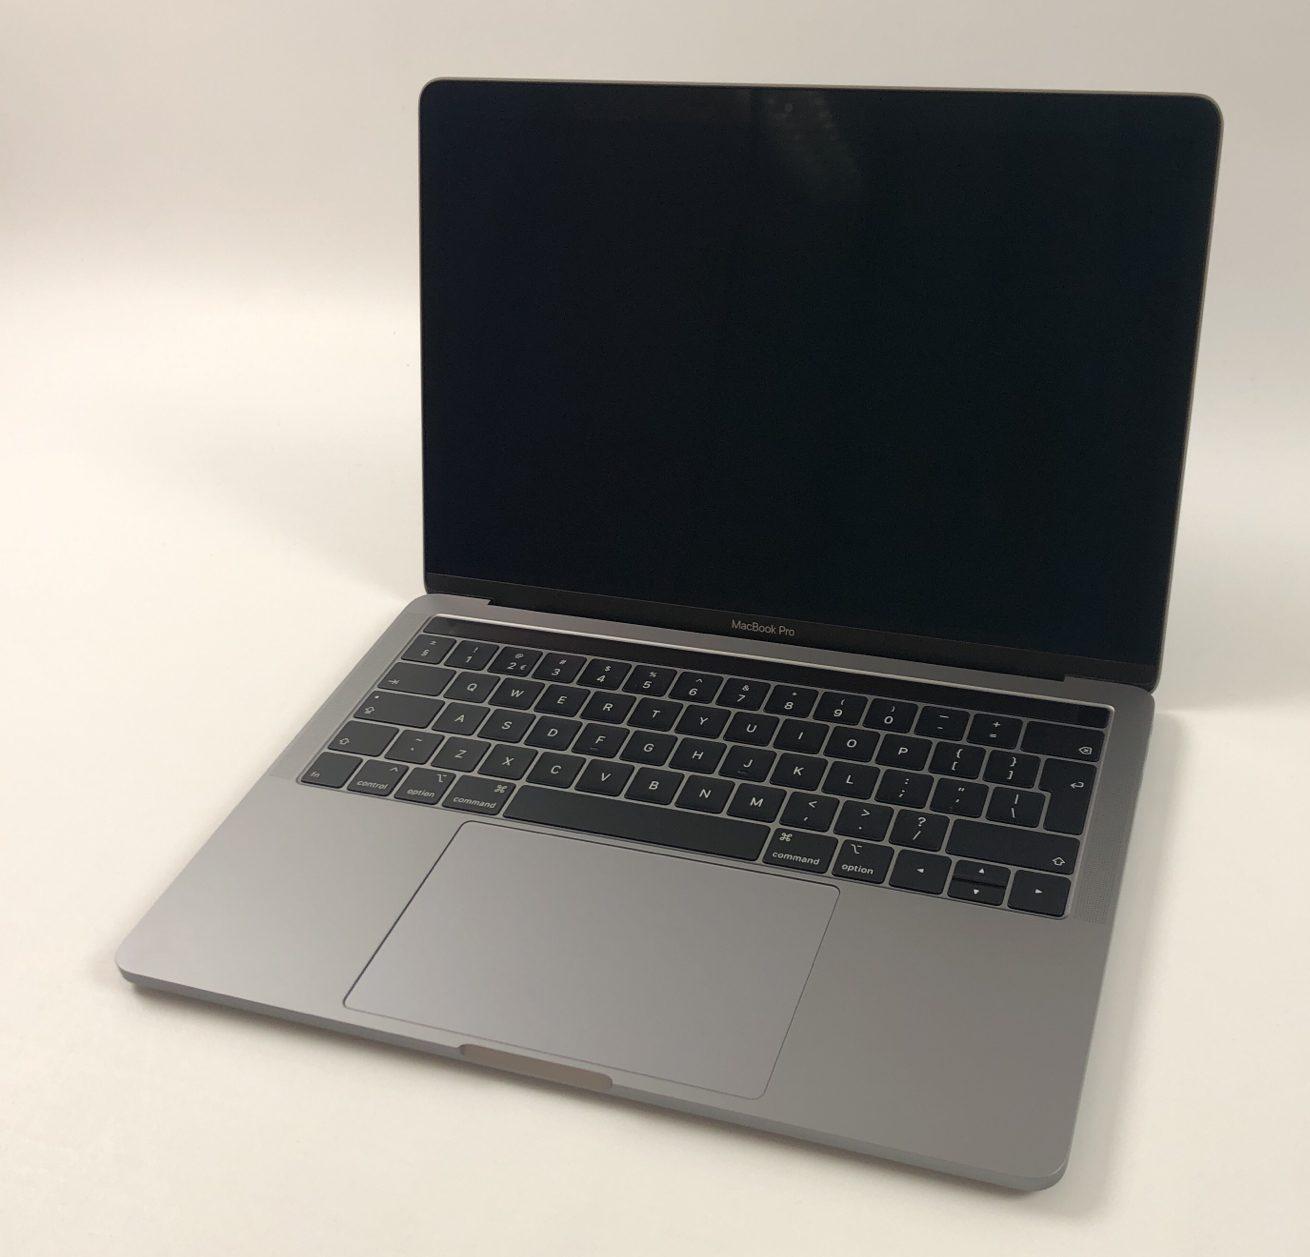 """MacBook Pro 13"""" 4TBT Mid 2018 (Intel Quad-Core i7 2.7 GHz 16 GB RAM 1 TB SSD), Space Gray, Intel Quad-Core i7 2.7 GHz, 16 GB RAM, 1 TB SSD, Afbeelding 1"""